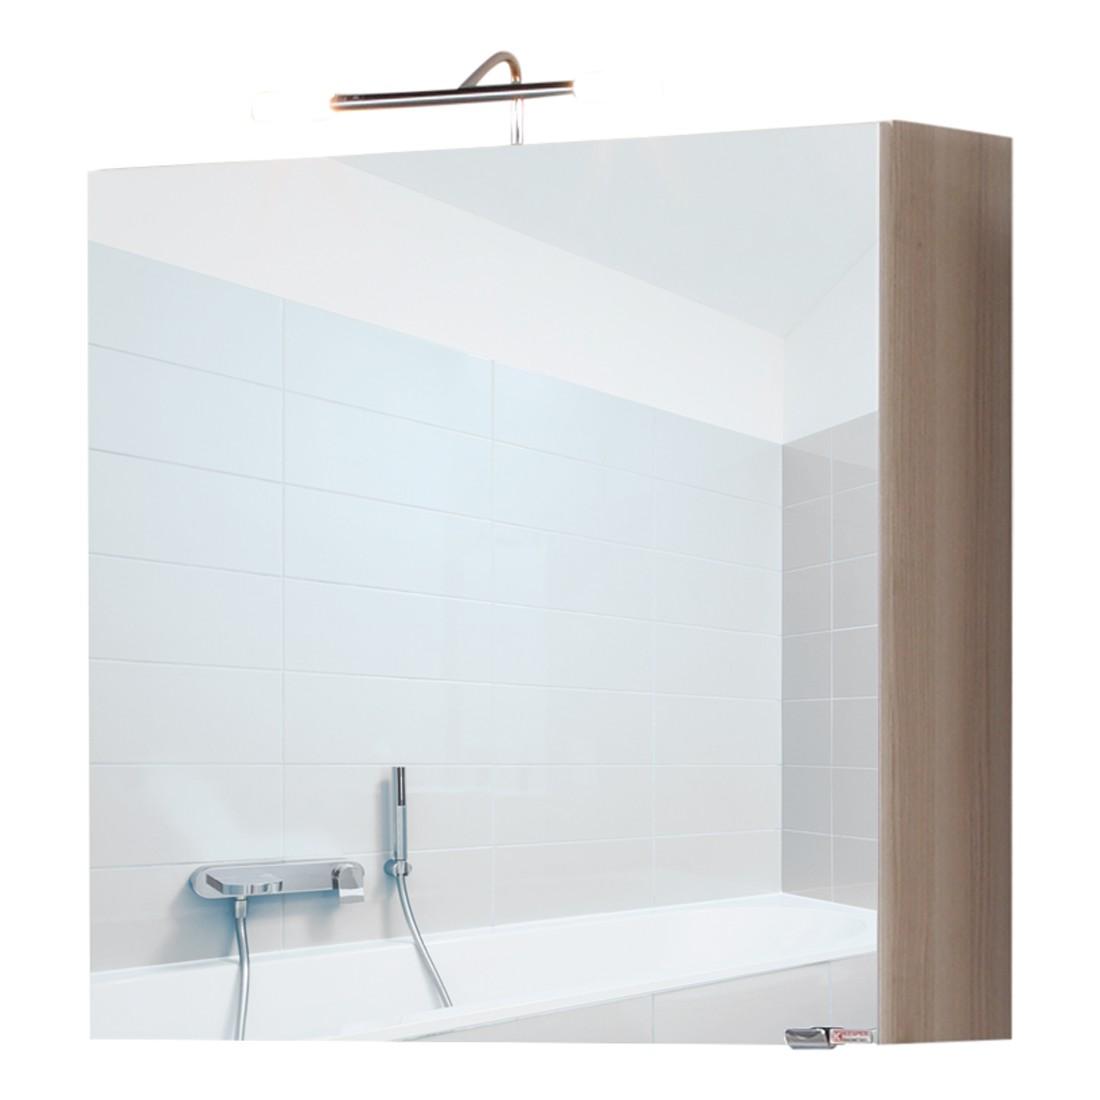 Bad-Spiegelschrank Madley - Esche Dekor - Mit Beleuchtung